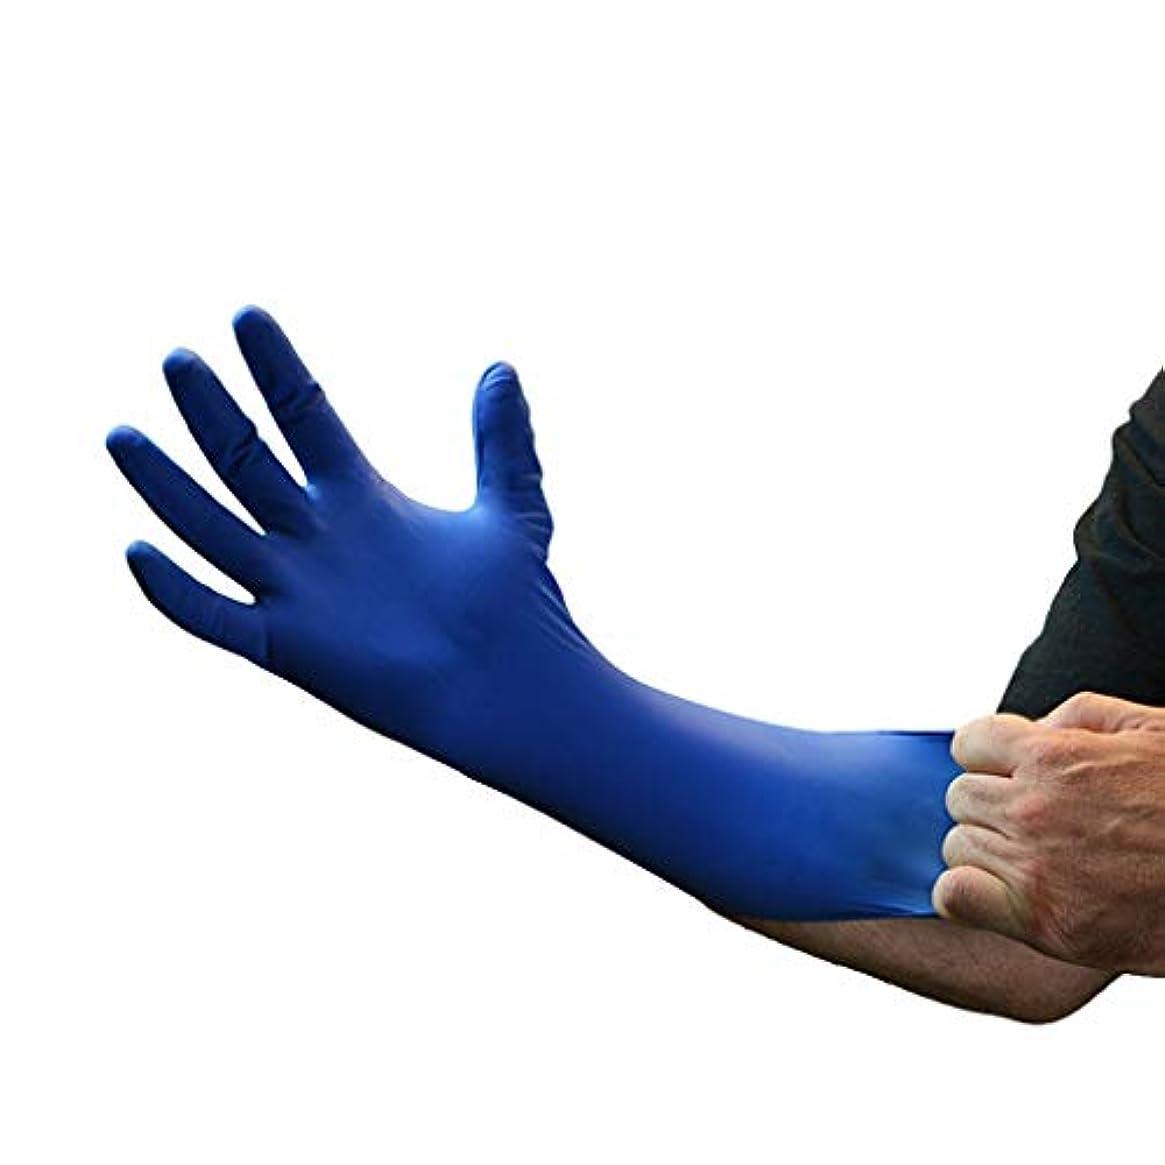 有力者特徴一時解雇する使い捨てニトリル手袋耐久性のあるニトリルダークブルーパウダーフリー厚い実験室耐性溶剤酸とアルカリ YANW (色 : Dark blue, サイズ さいず : Xl xl)